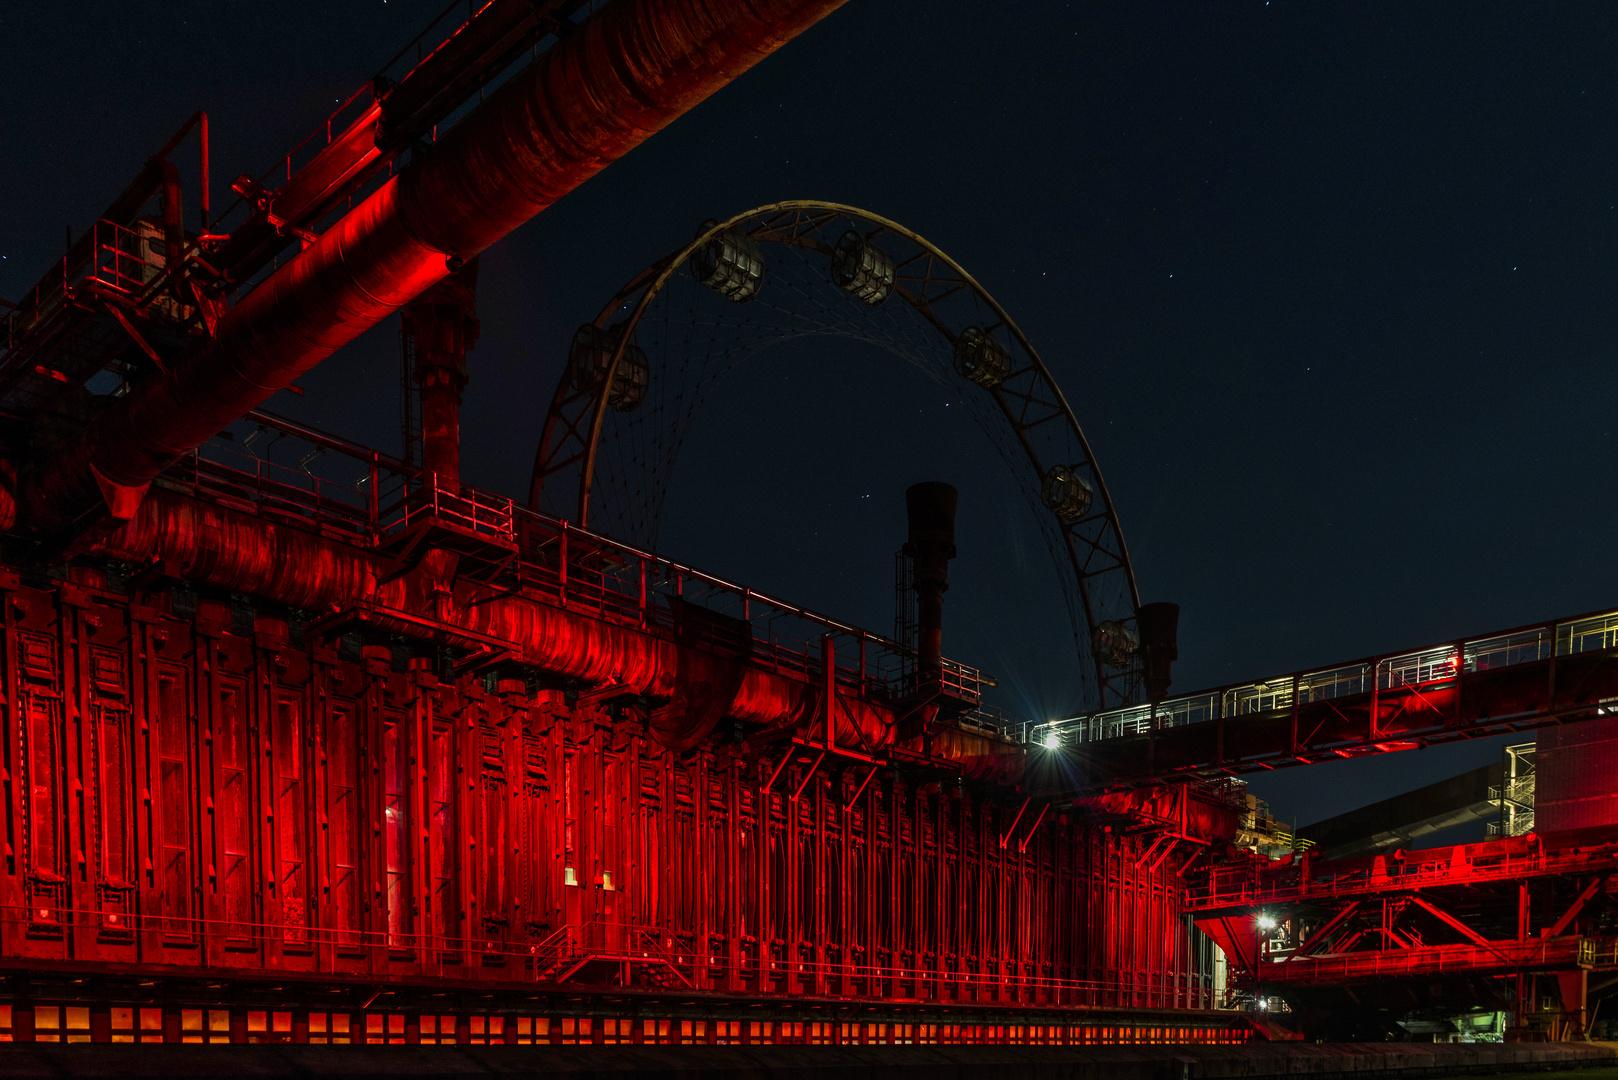 auf Zollverein bei Nacht..mit Sonnenrad